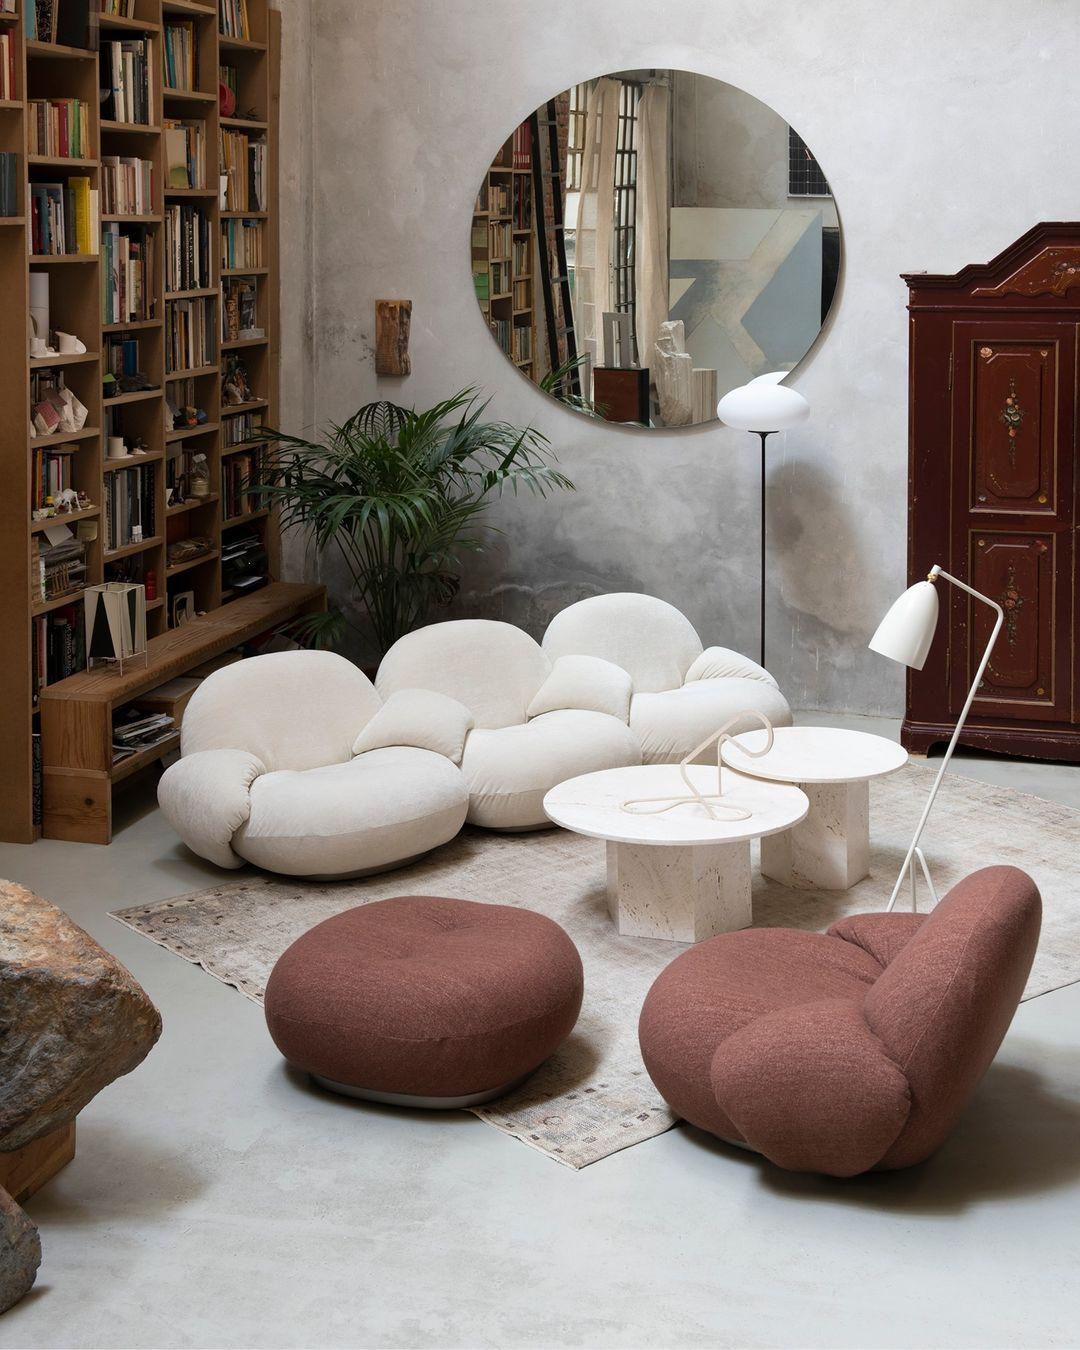 Puffy møbler er trendy om dagen